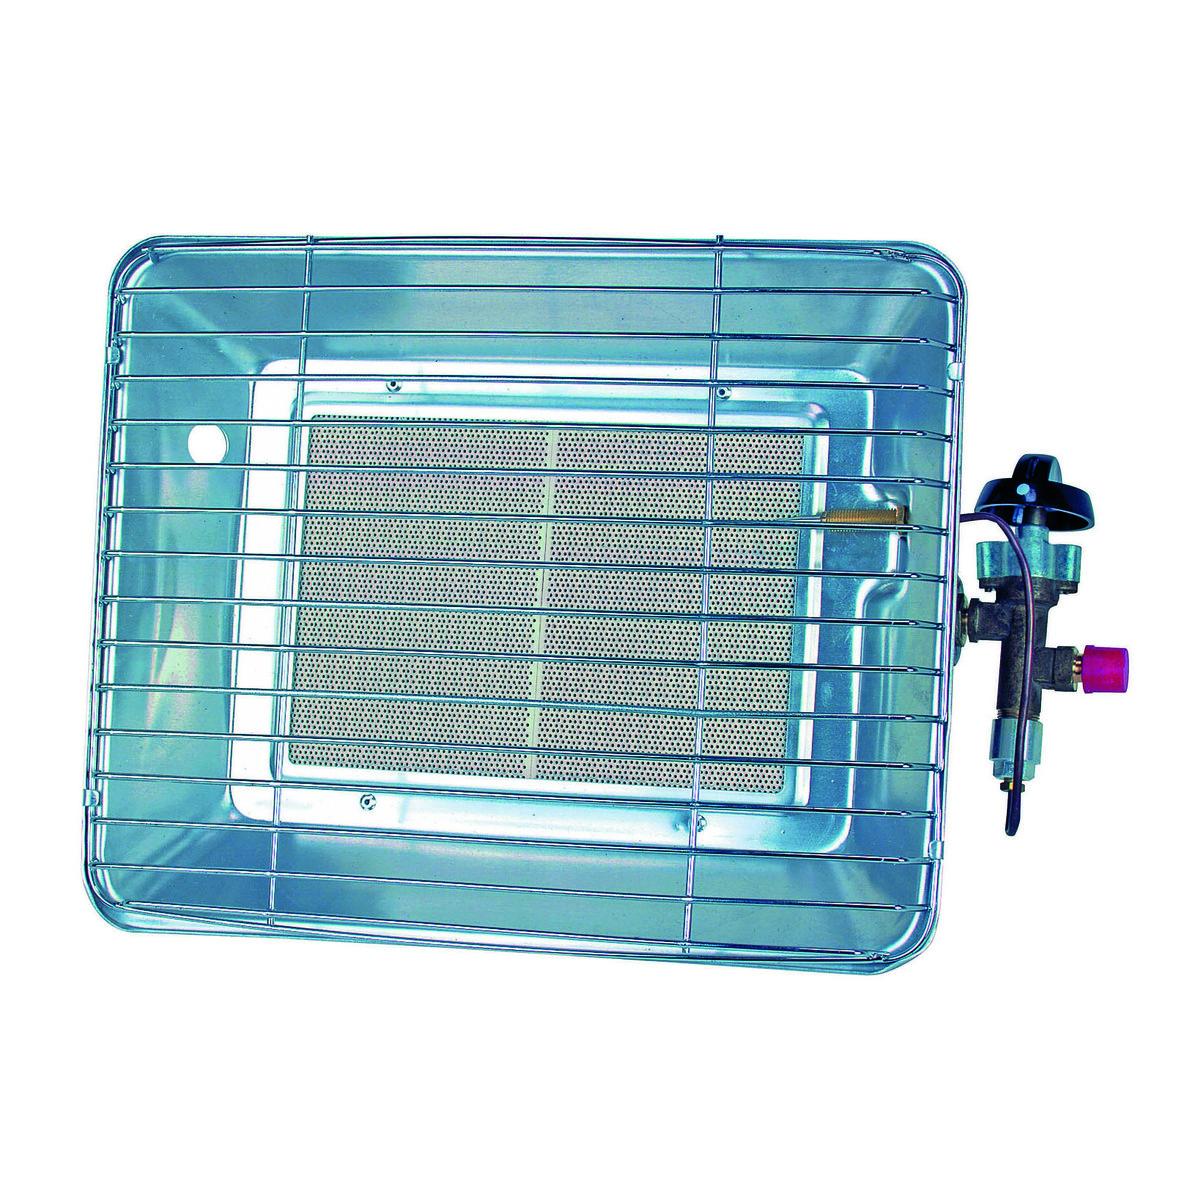 Stufetta fast heater prezzo migliore offerte for Handy heater italia opinioni